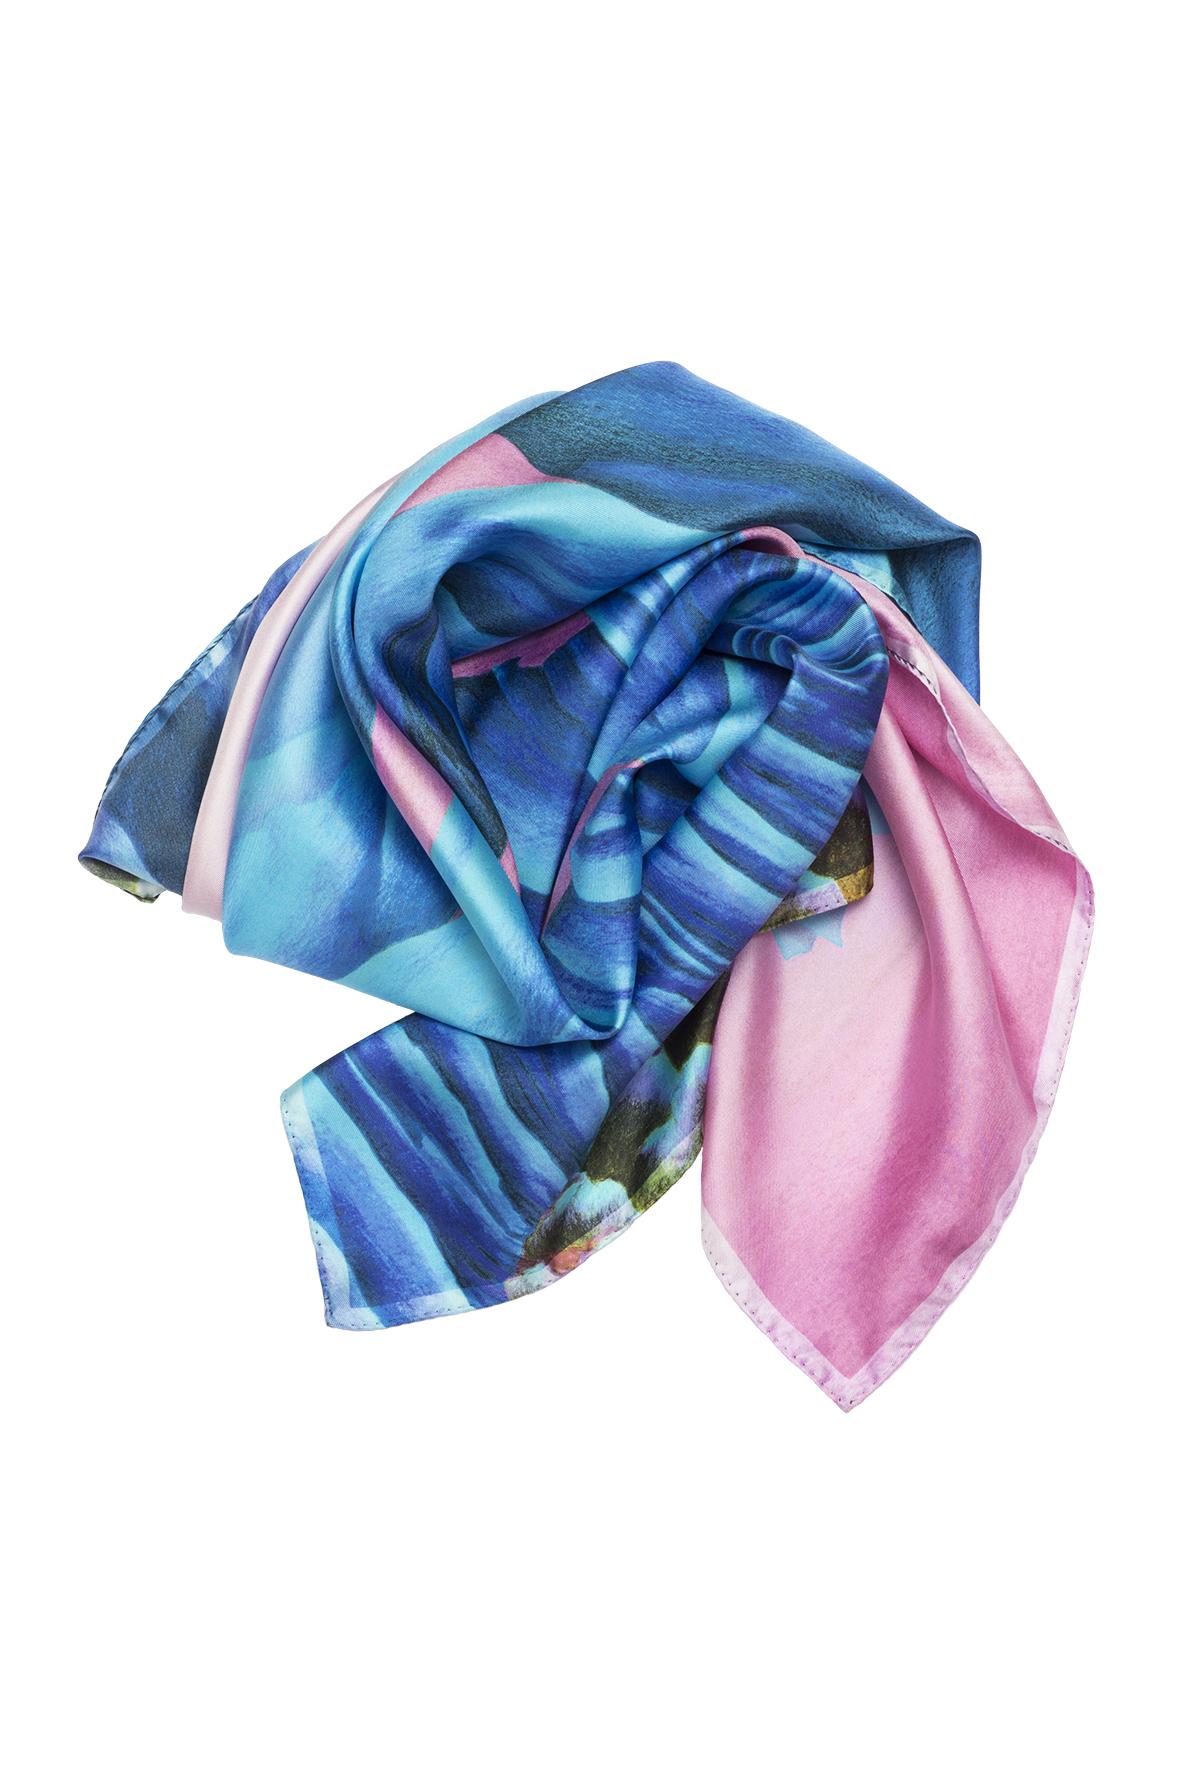 Détail foulard Rêves Martiens bleu - Céline Dominiak